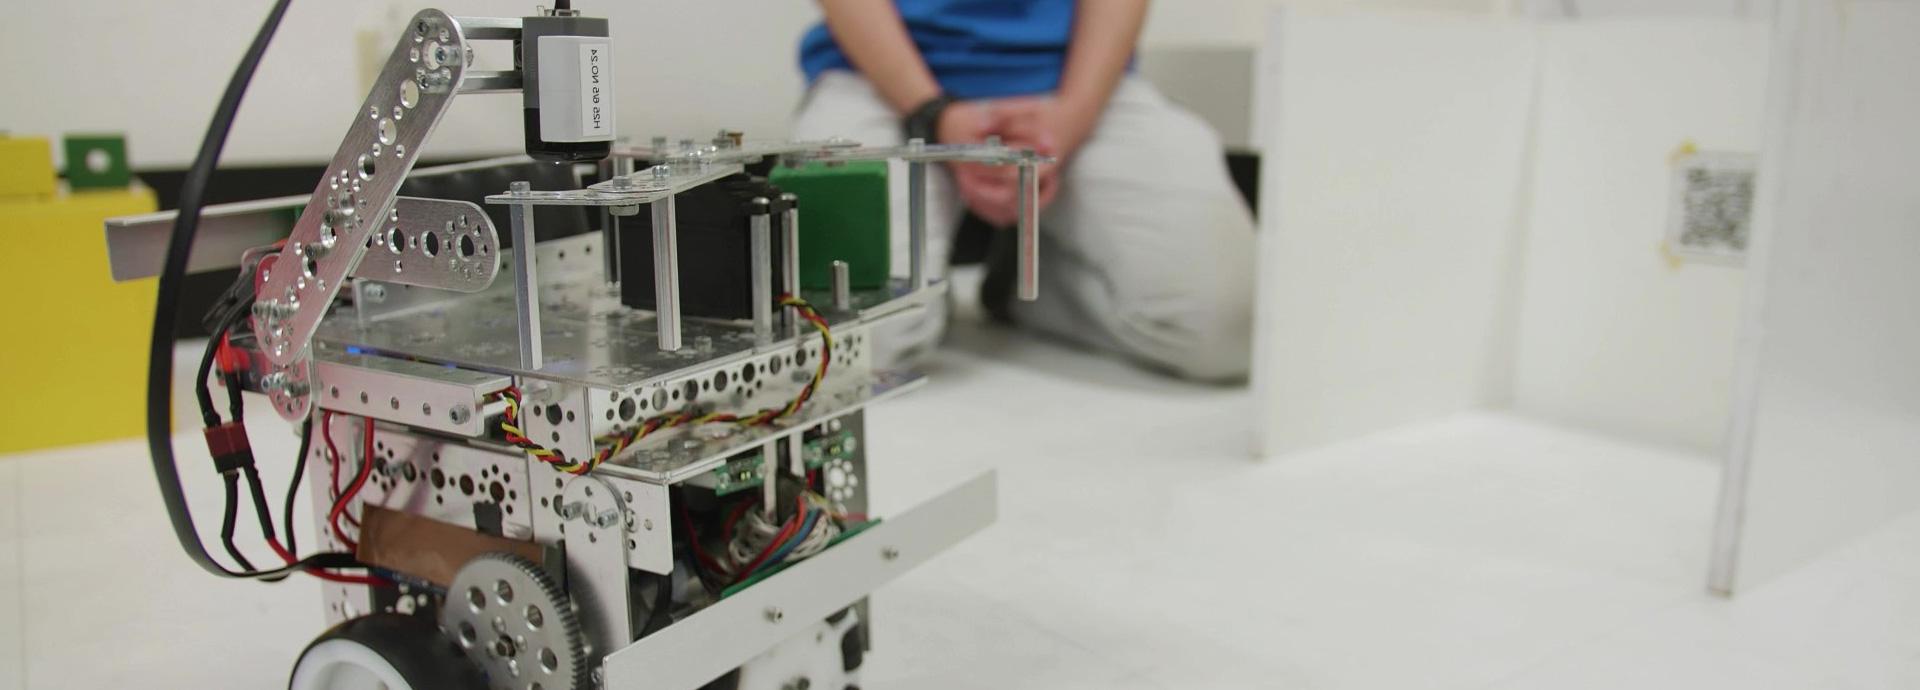 ロボットを通して社会課題に取り組み未来のエンジニアを育成